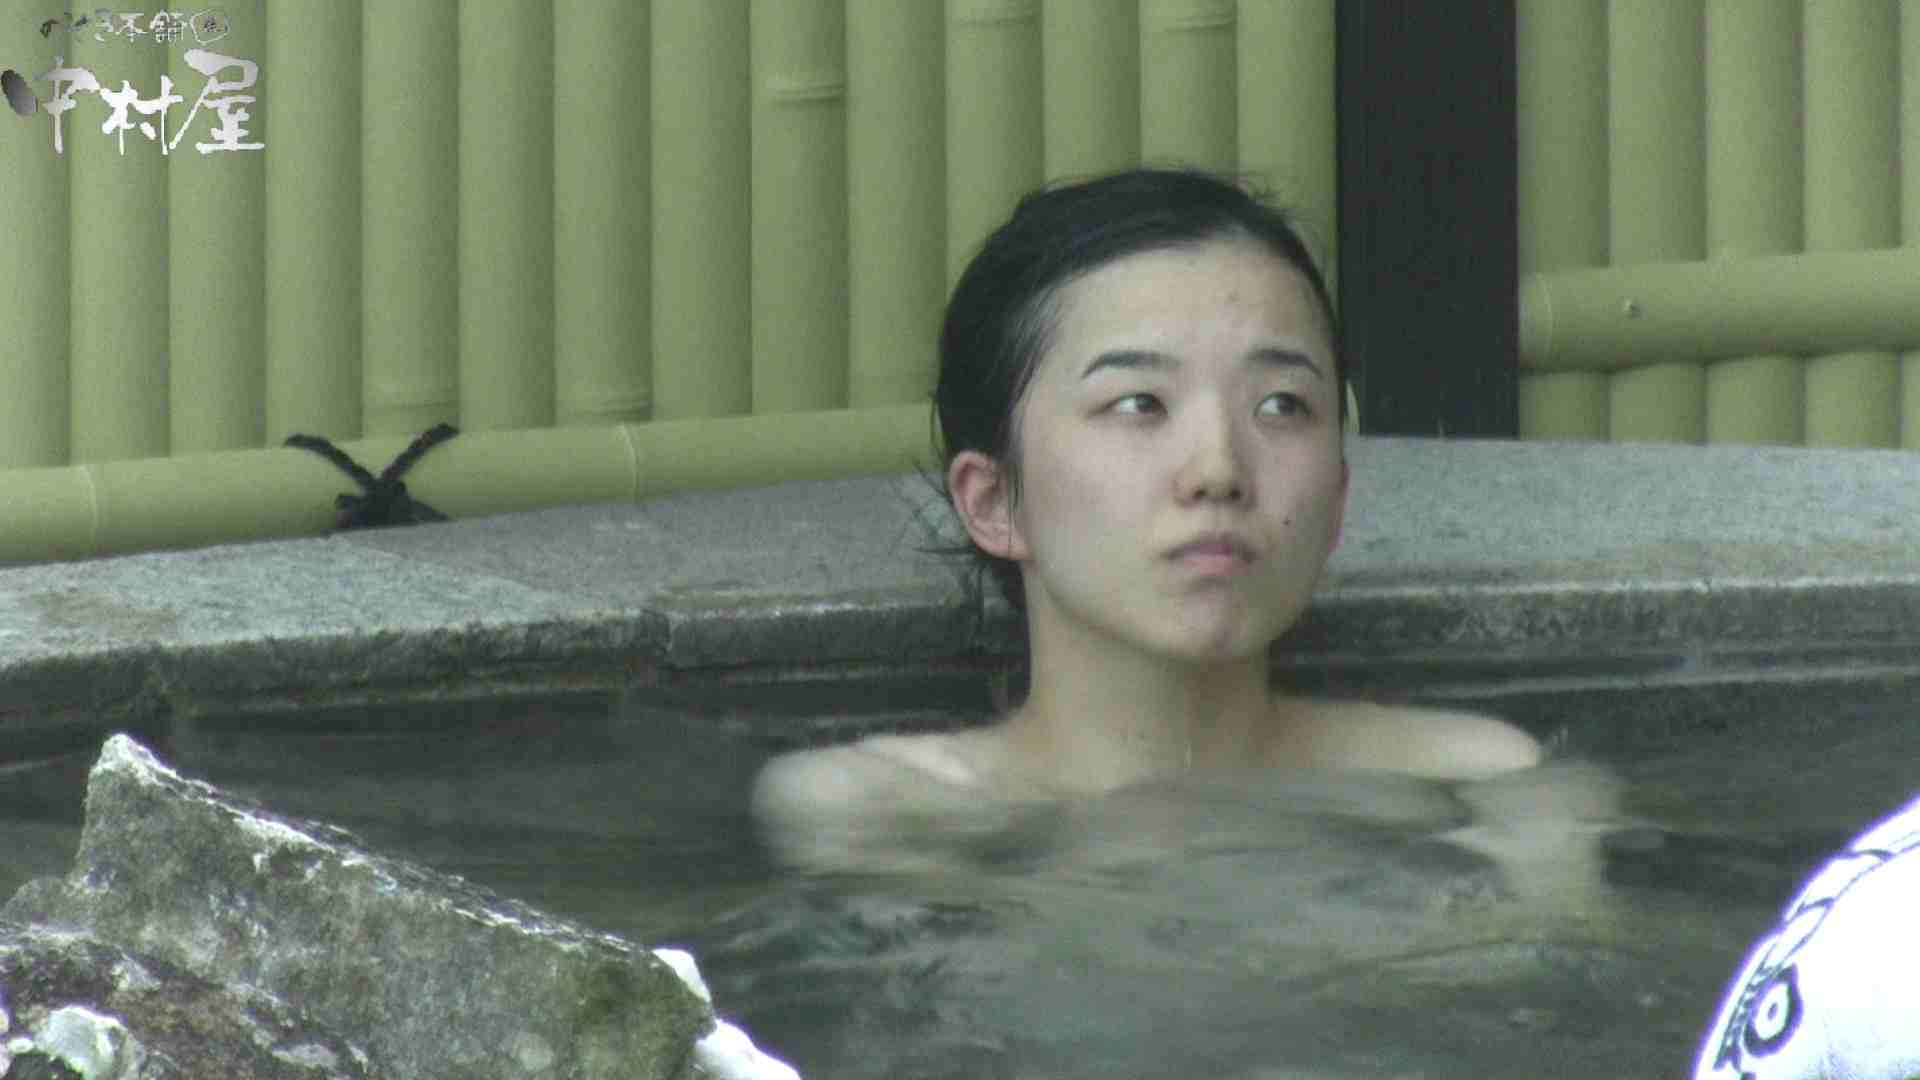 Aquaな露天風呂Vol.908 OLのエロ生活  28連発 18